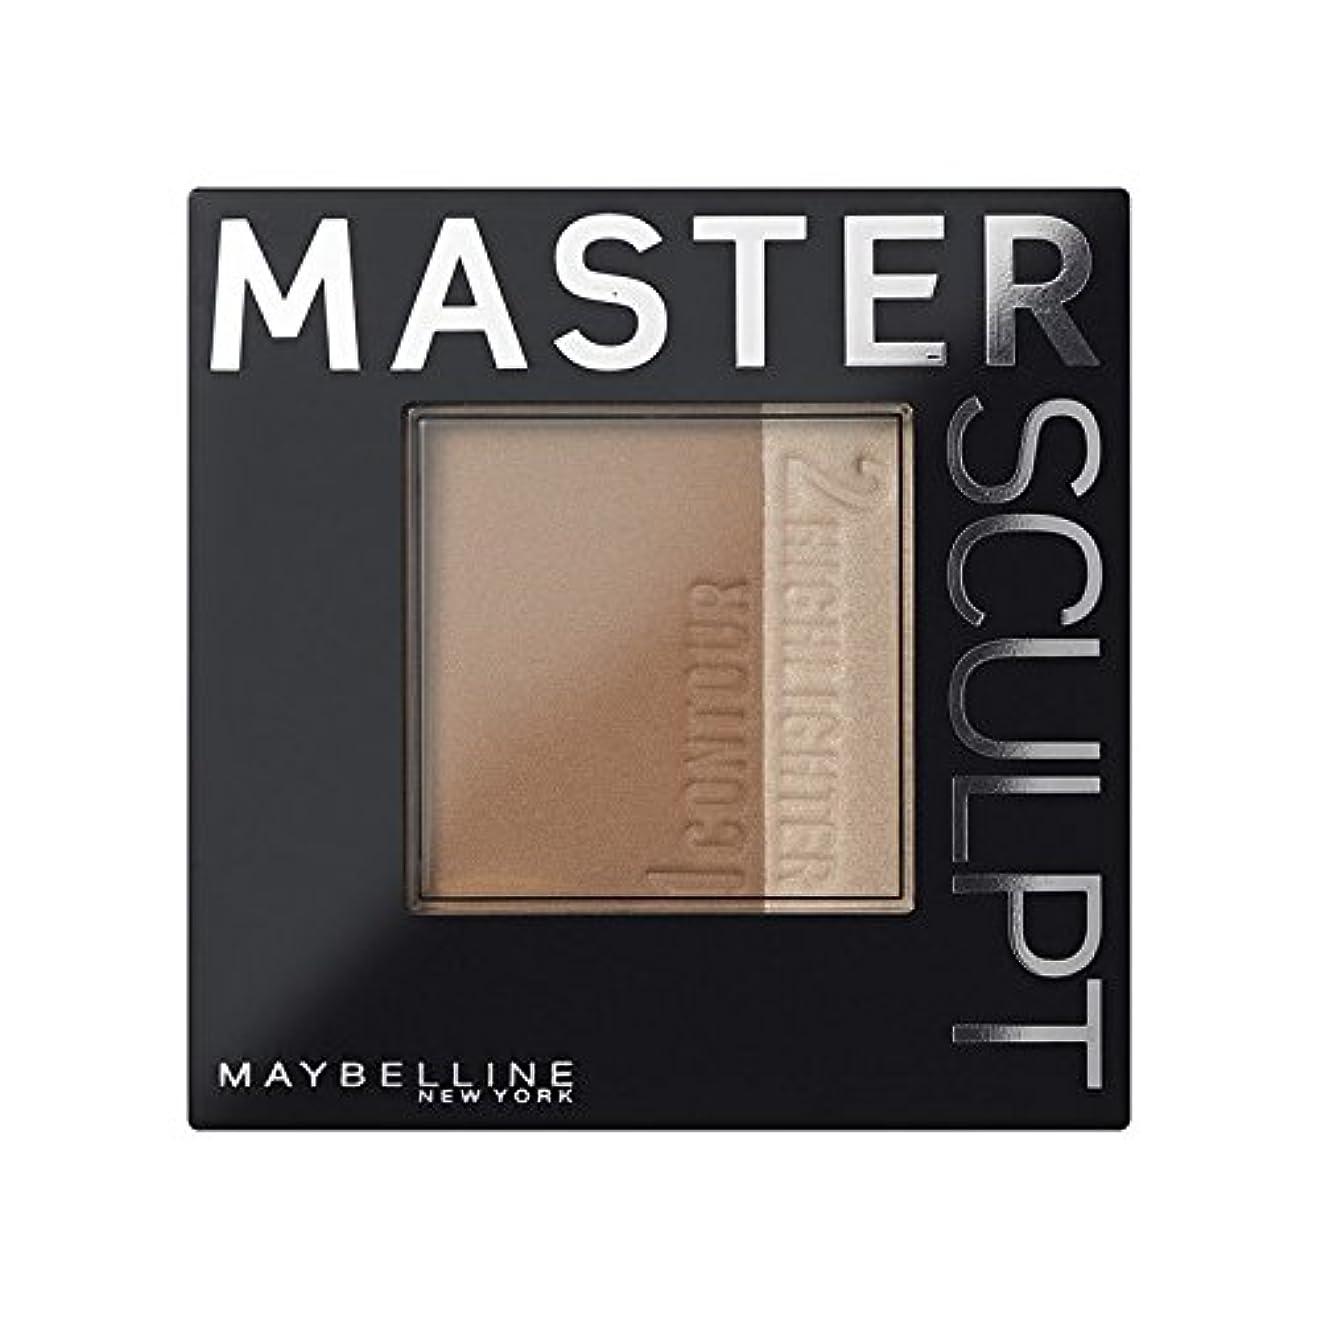 説明的ウォルターカニンガムパーフェルビッドMaybelline Master Sculpt Contouring Foundation 01 Light/Med (Pack of 6) - 土台01光/ を輪郭メイベリンマスタースカルプト x6 [並行輸入品]